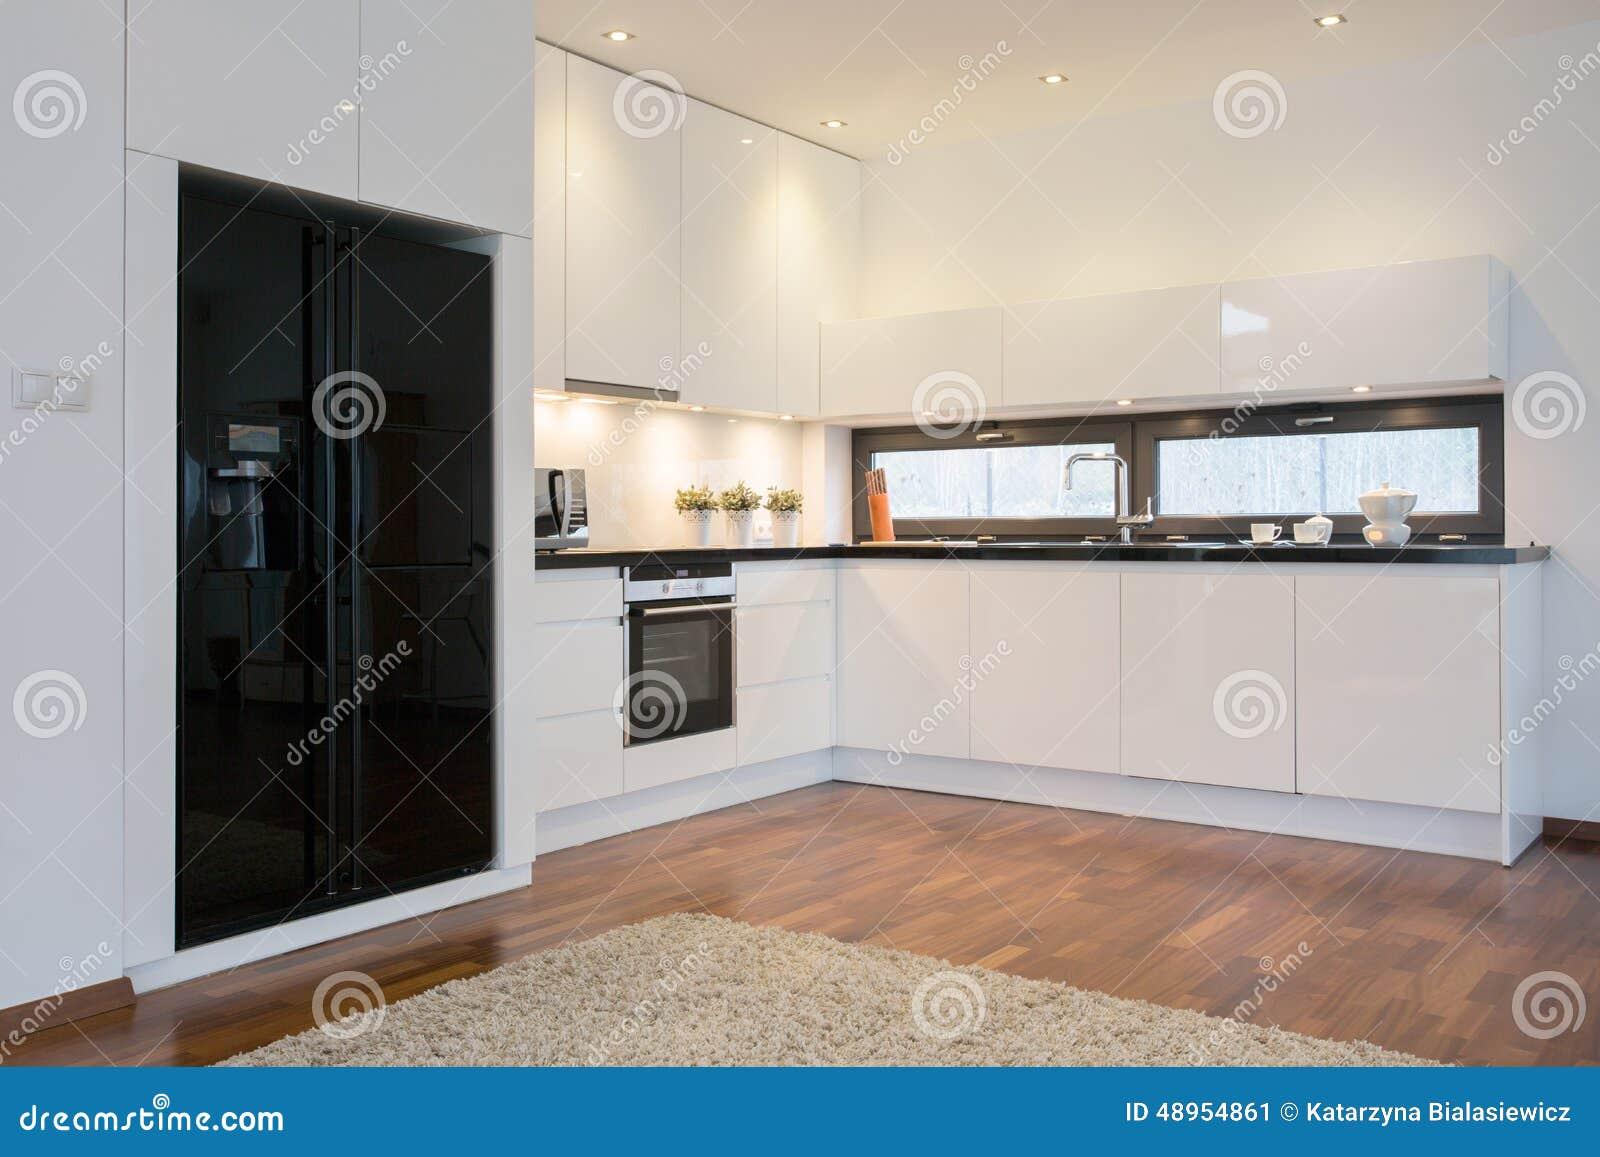 Schwarzer Kühlschrank In Der Hellen Küche Stockbild - Bild: 48954861